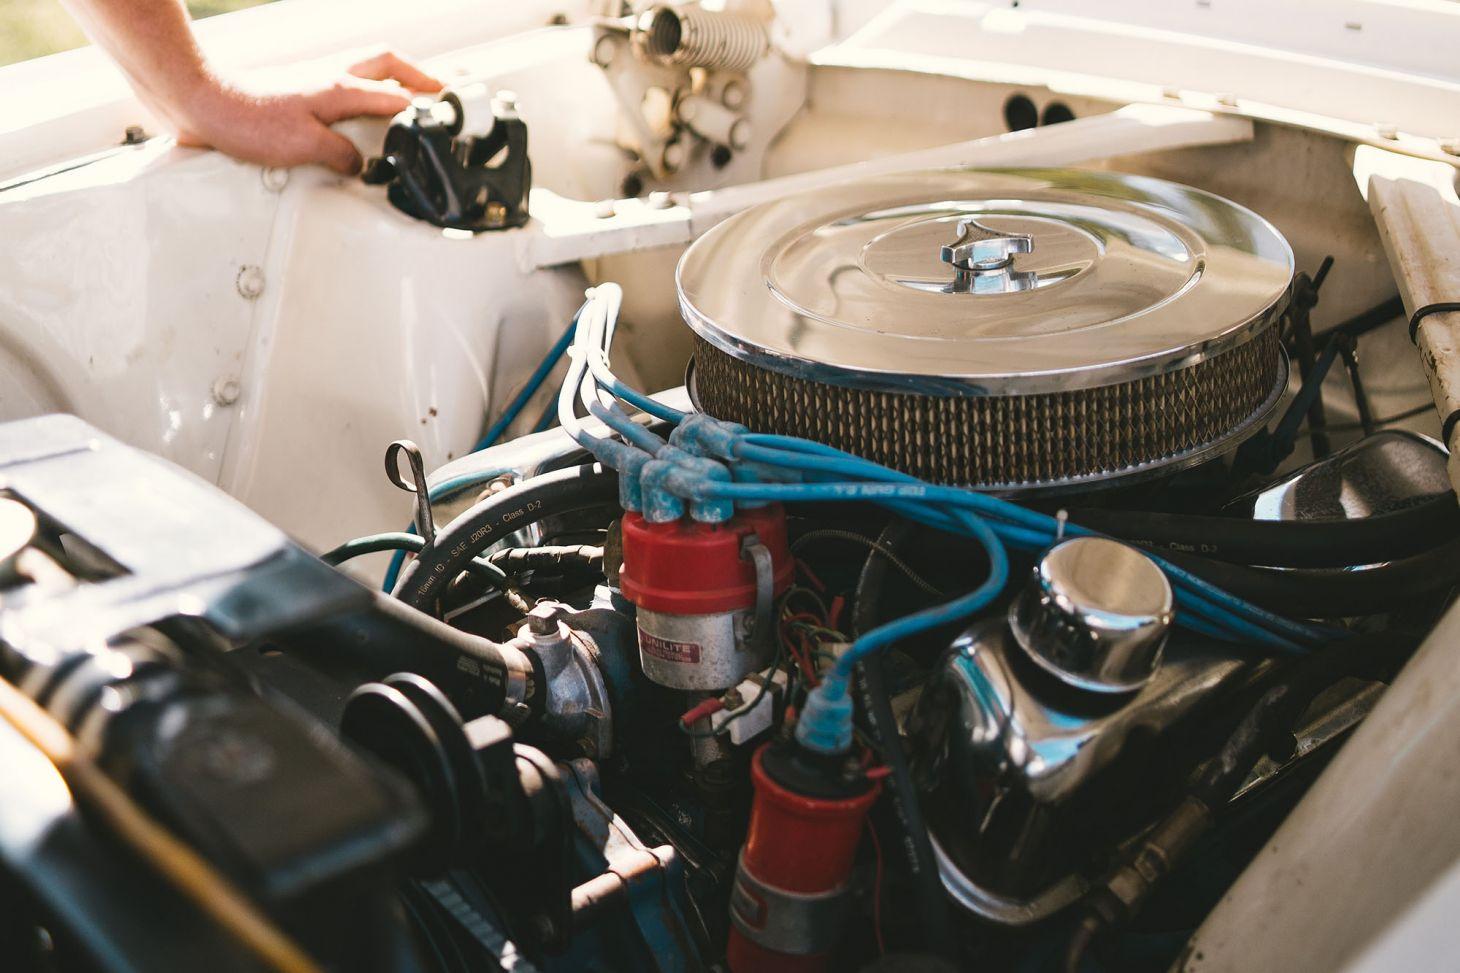 motor v8 cromado capo aberto